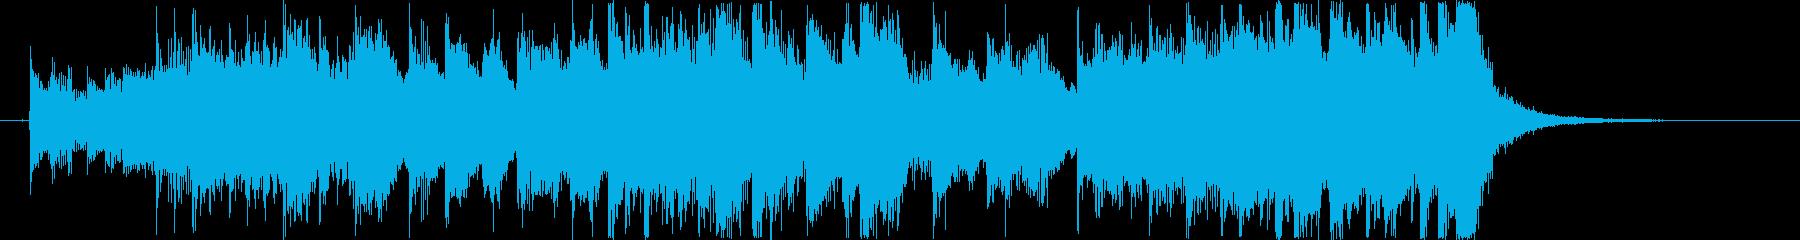 コーナータイトル_バトルシーンの再生済みの波形